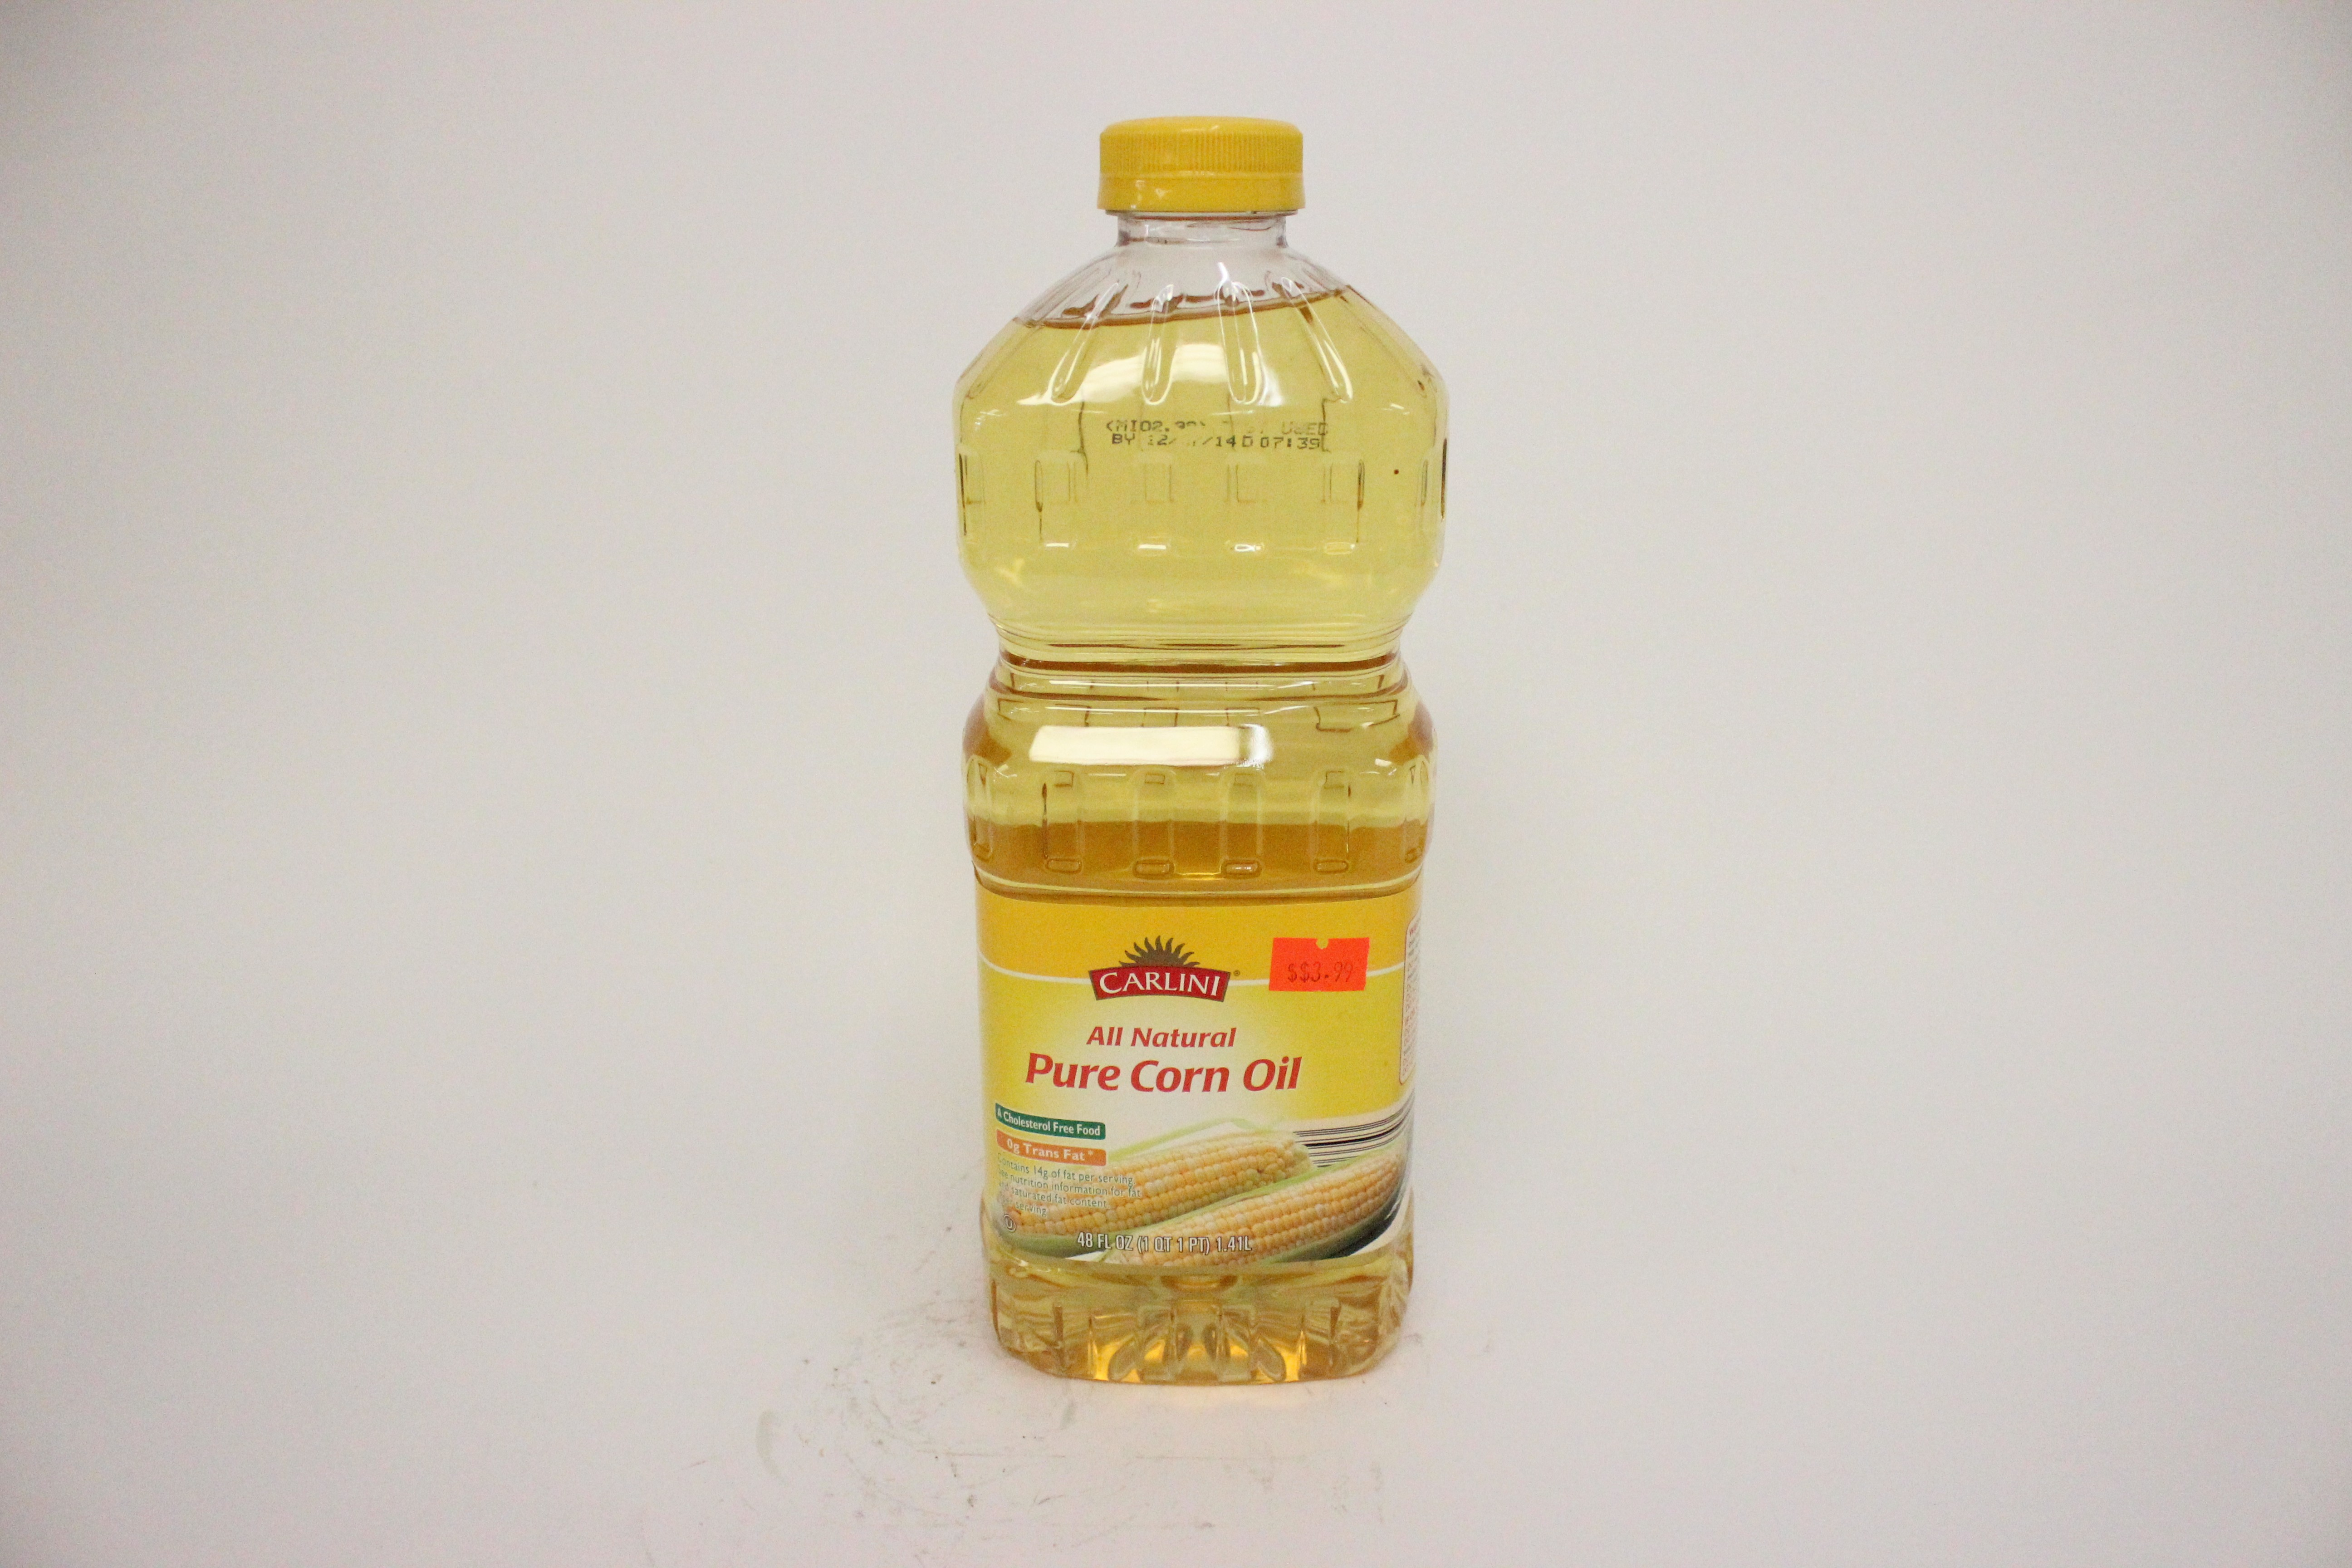 Carlini Pure Corn Oil 48 oz